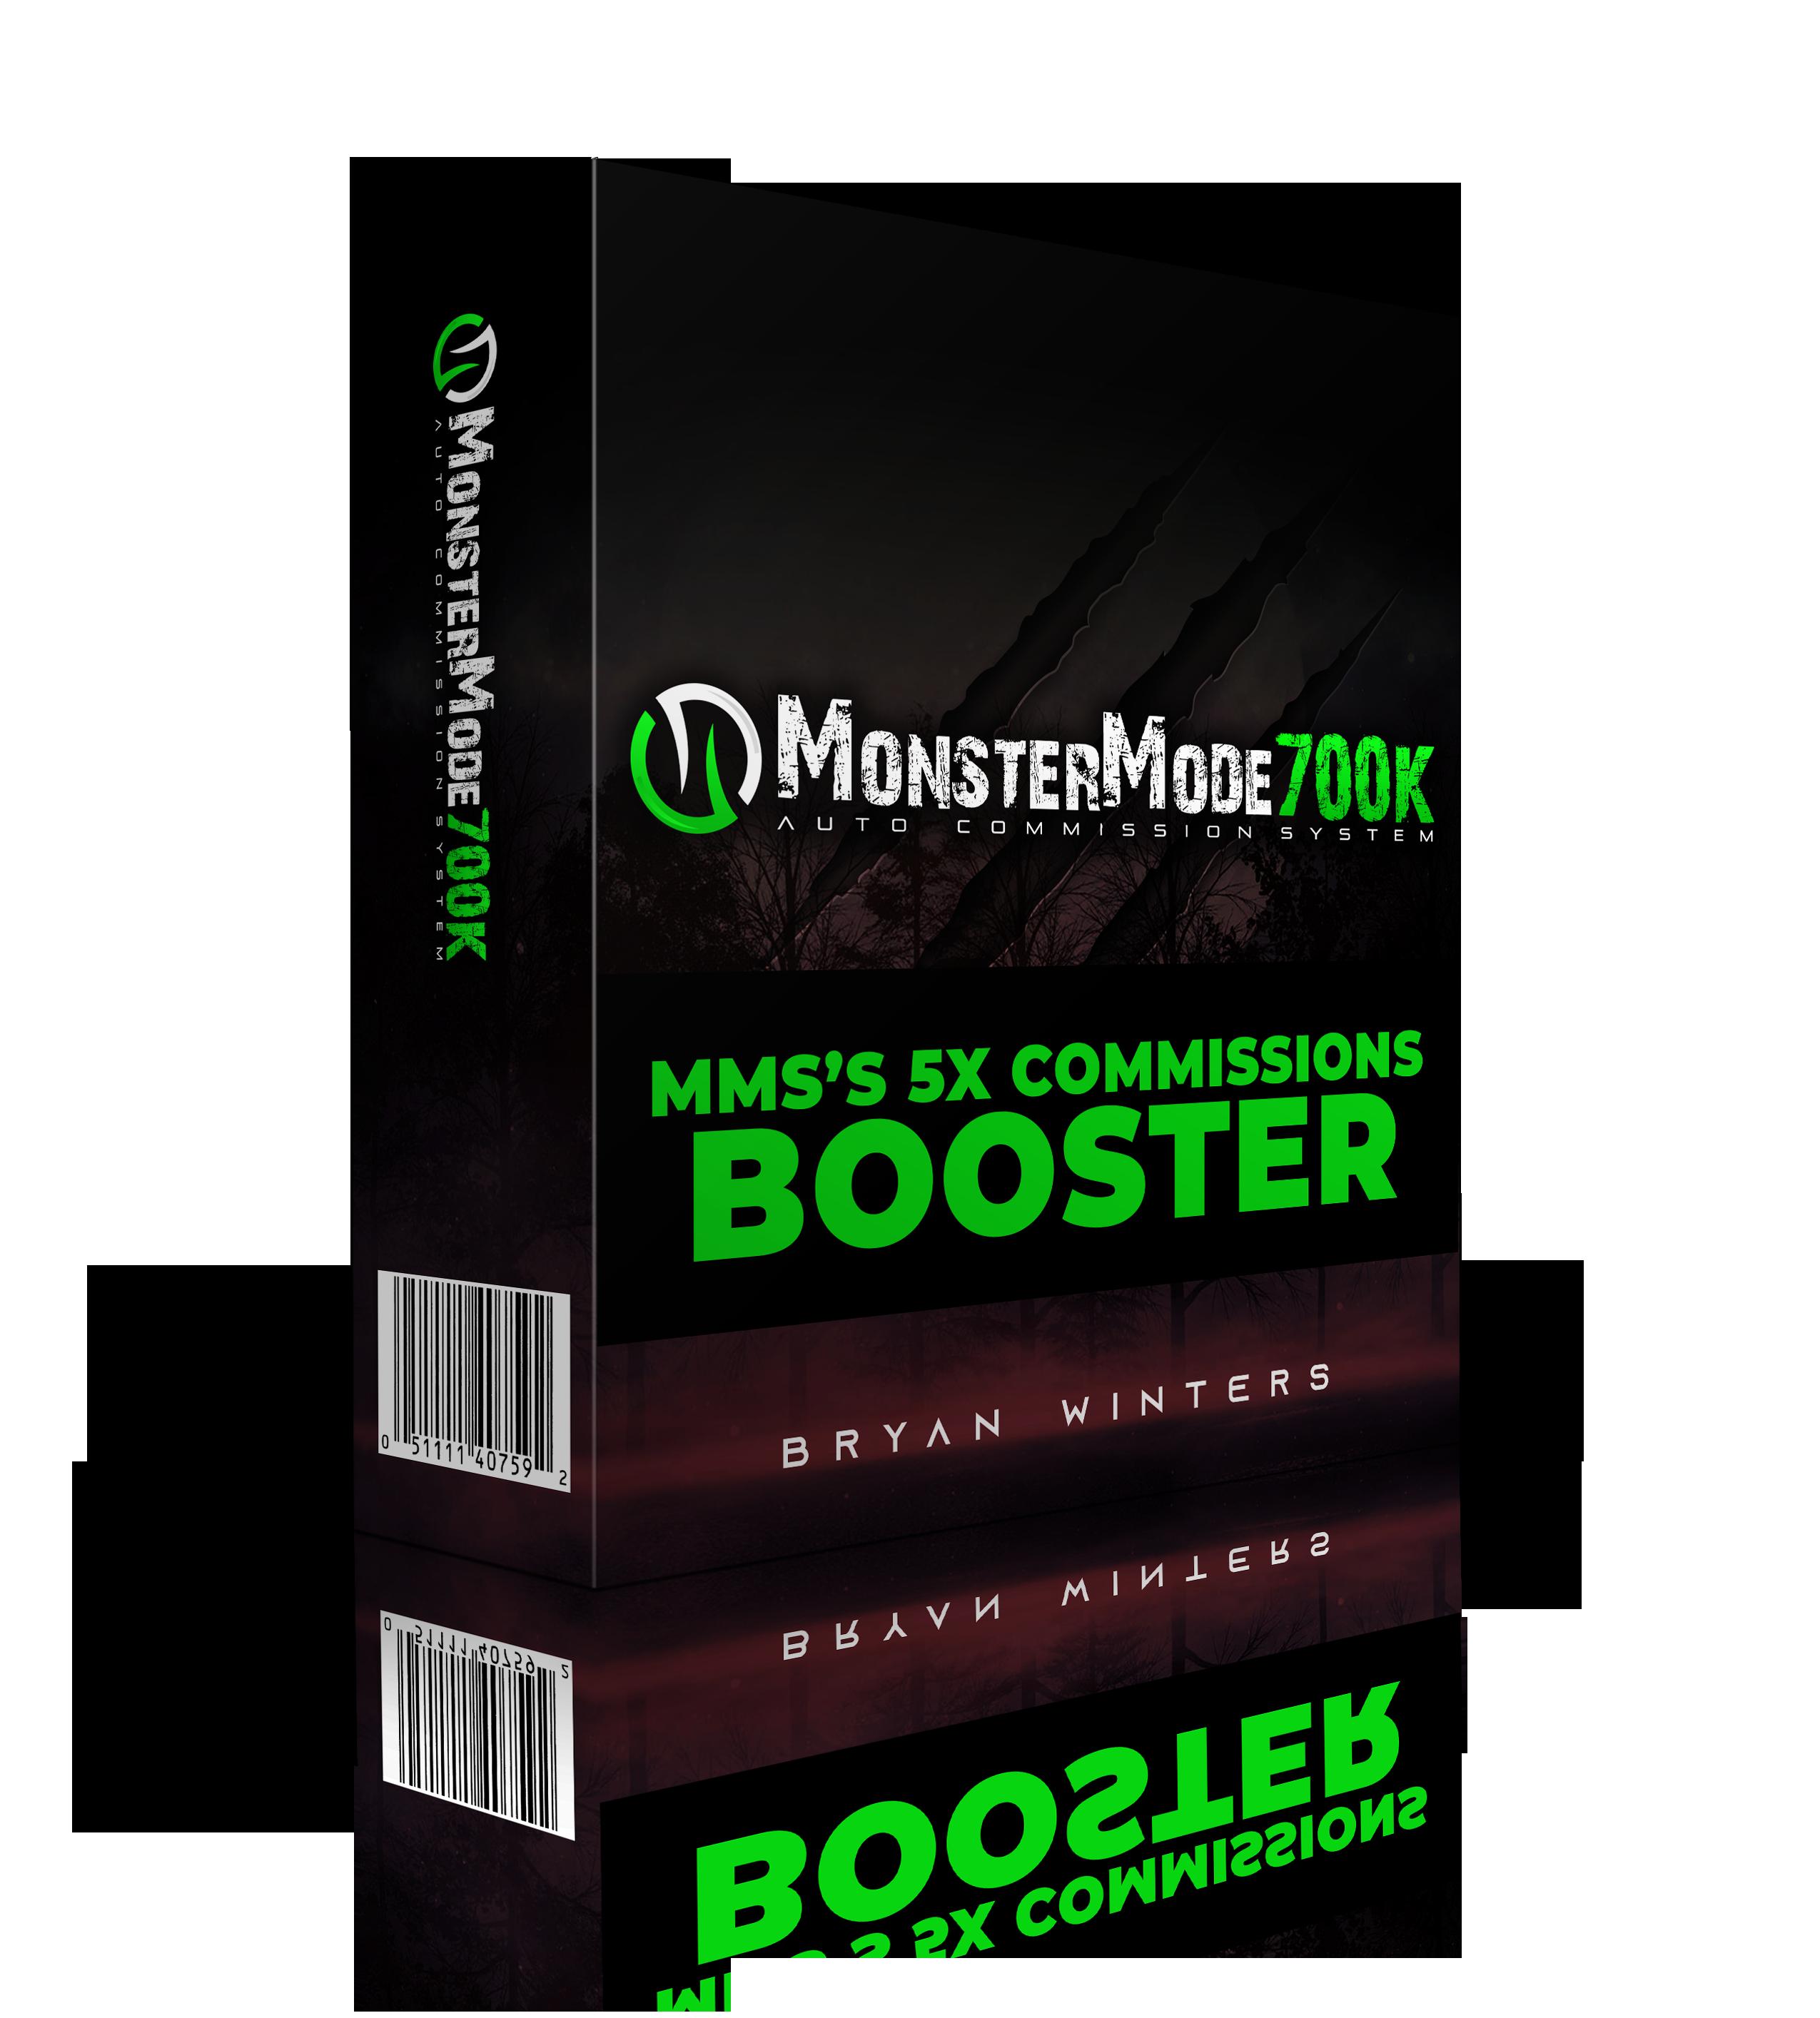 monstermode700koto5